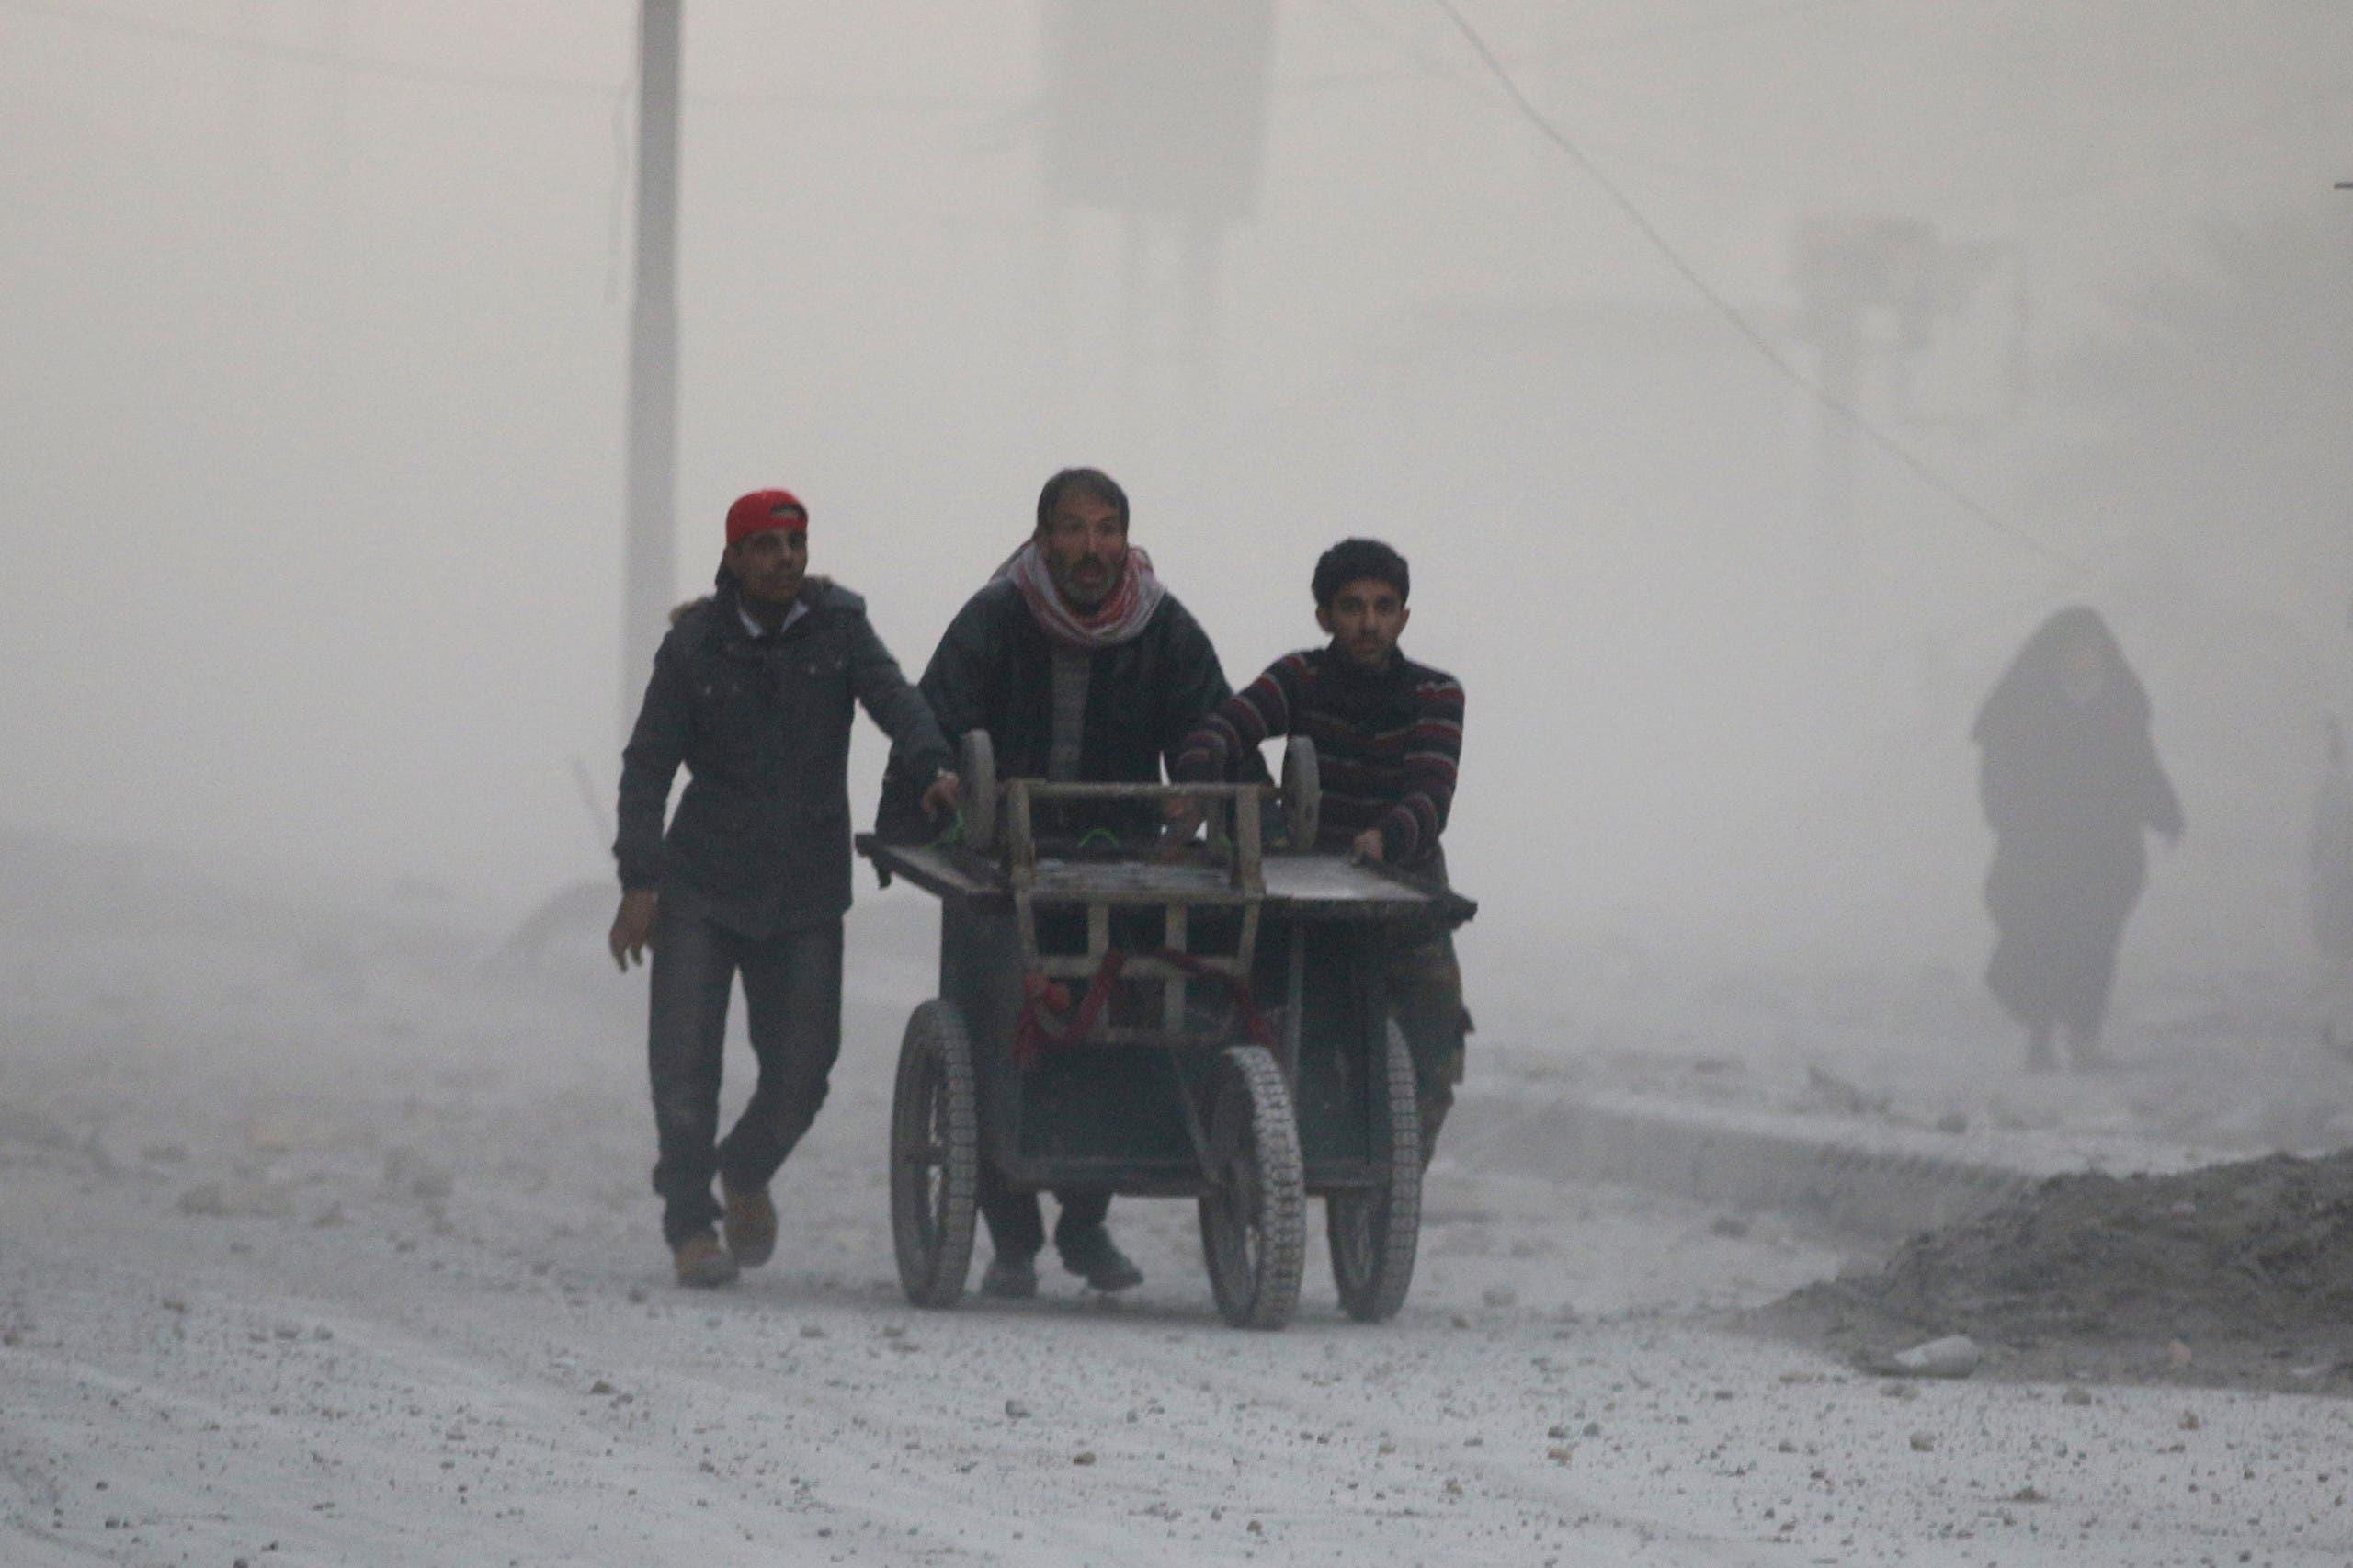 رجال يجرون عربة خلال هروبهم ودخولهم في عمق مناطق سيطرة المعارضة في شرق حلب